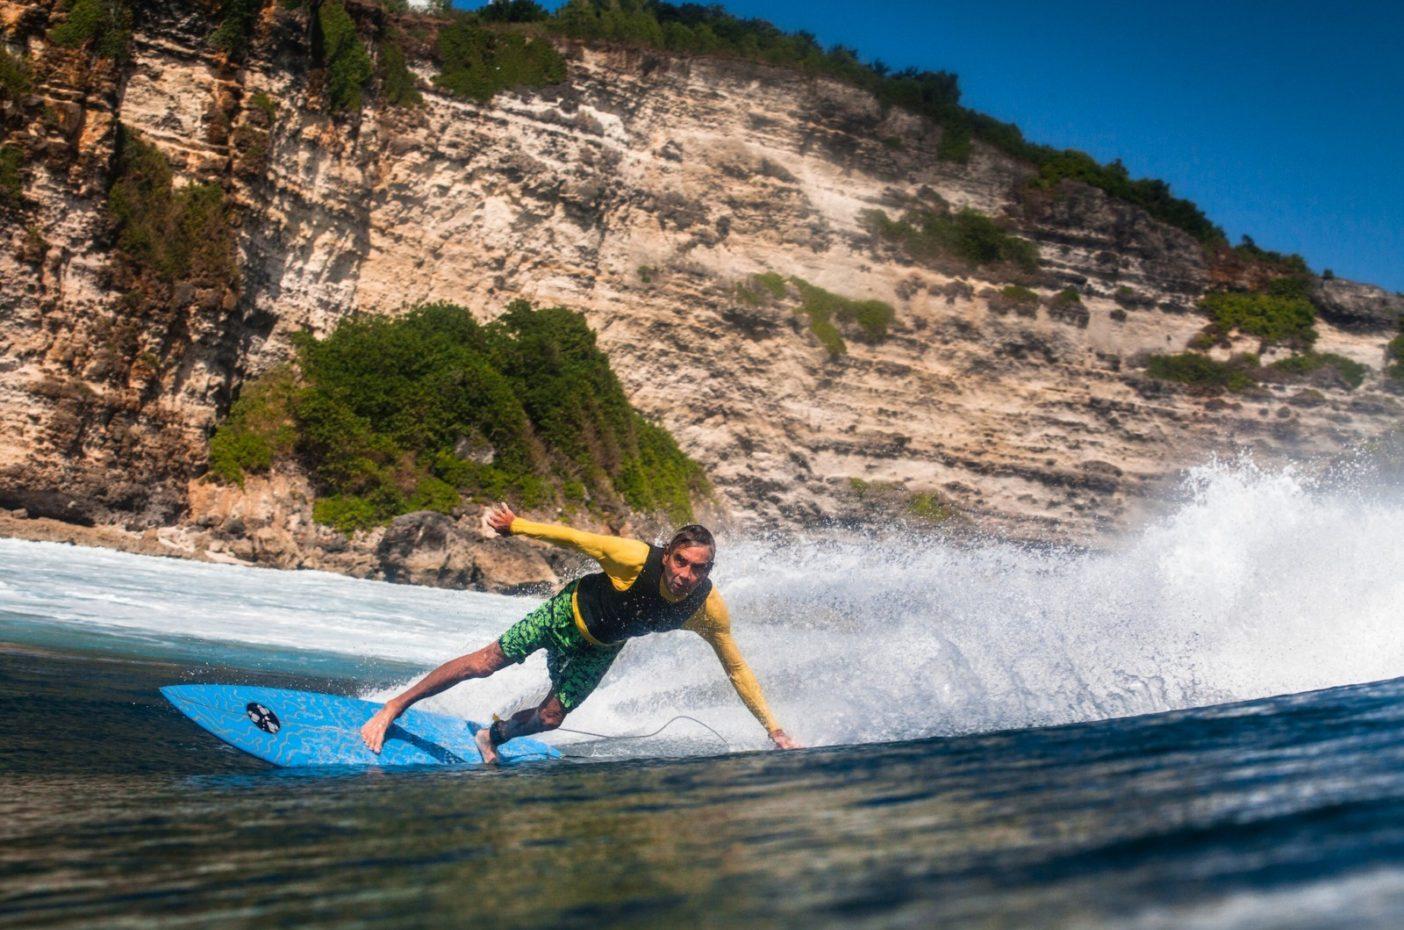 変われば、変わるほど、同じ状態が保たれる。2015年にウルワツでサーフィンをするジェリー。Photo: Tommy Schultz